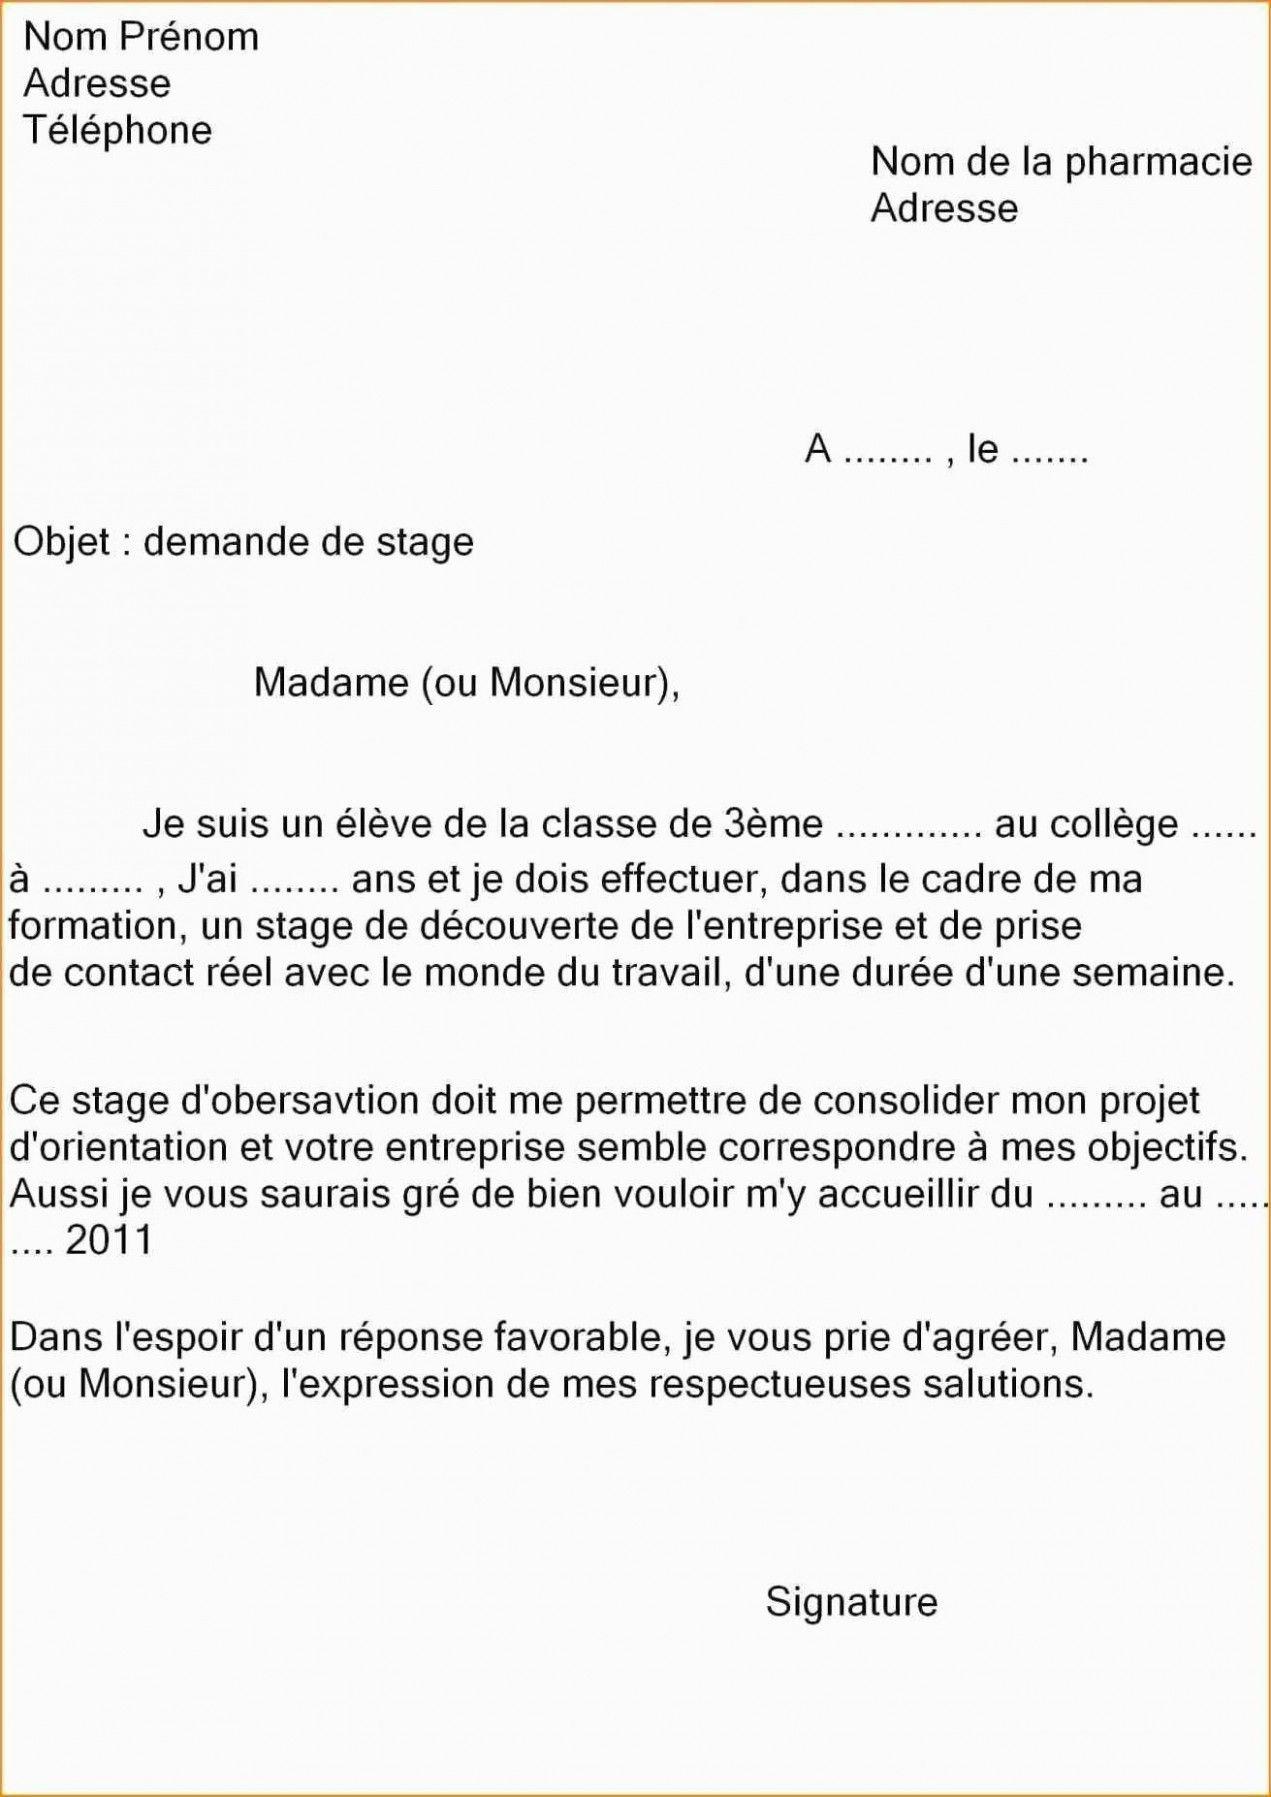 Dix Avantages De Bp Coiffure 500 Qui Pourraient Changer De Perspective Lettre De Motivation Stage Exemple De Lettre De Motivation Lettre De Motivation